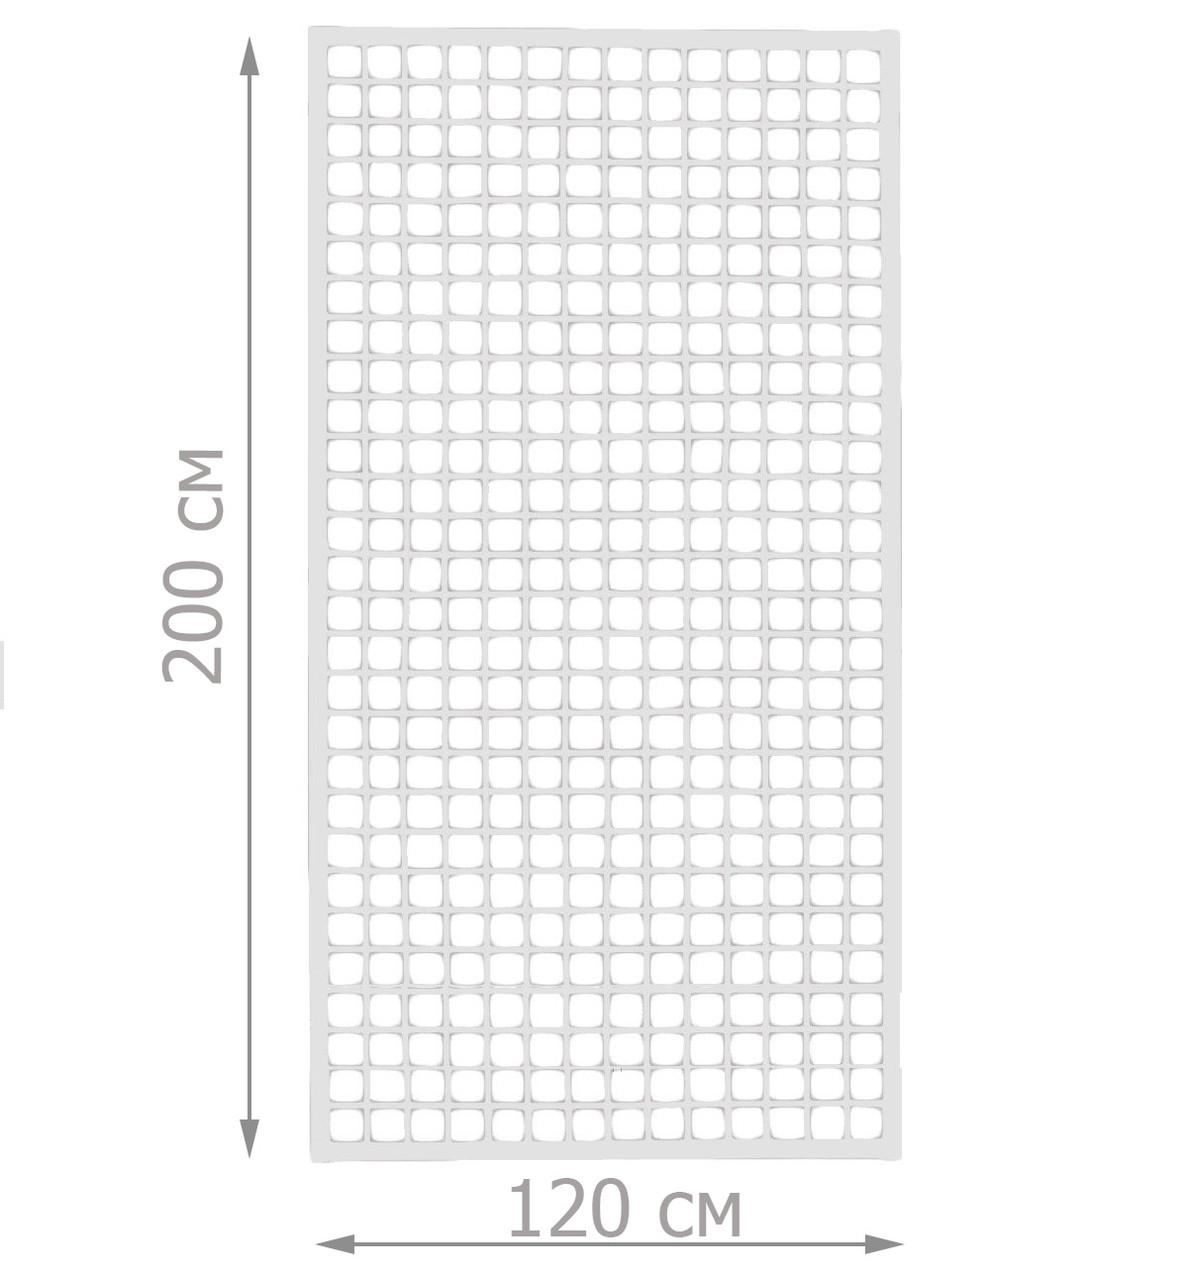 Торговая сетка стенд в рамке 120/200см (от производителя оптом и в розницу)